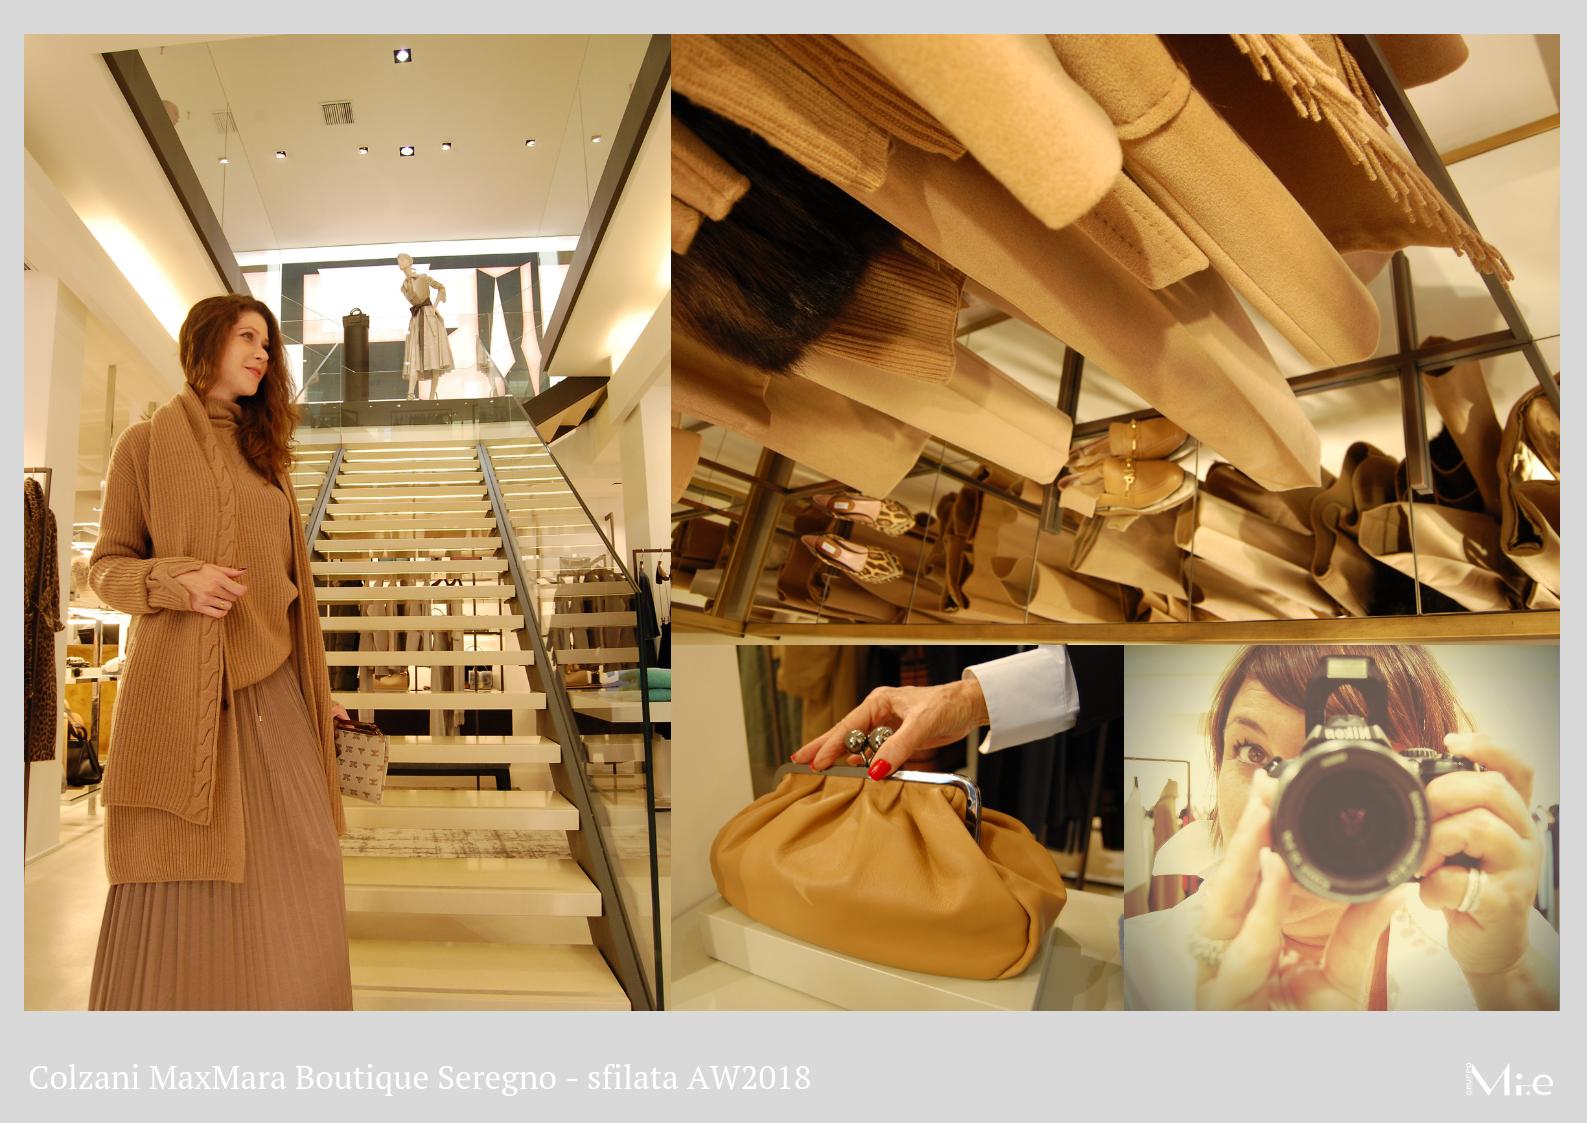 Sfilata in boutique - Colzani MaxMara - Gruppo Mi.e c12d600249b